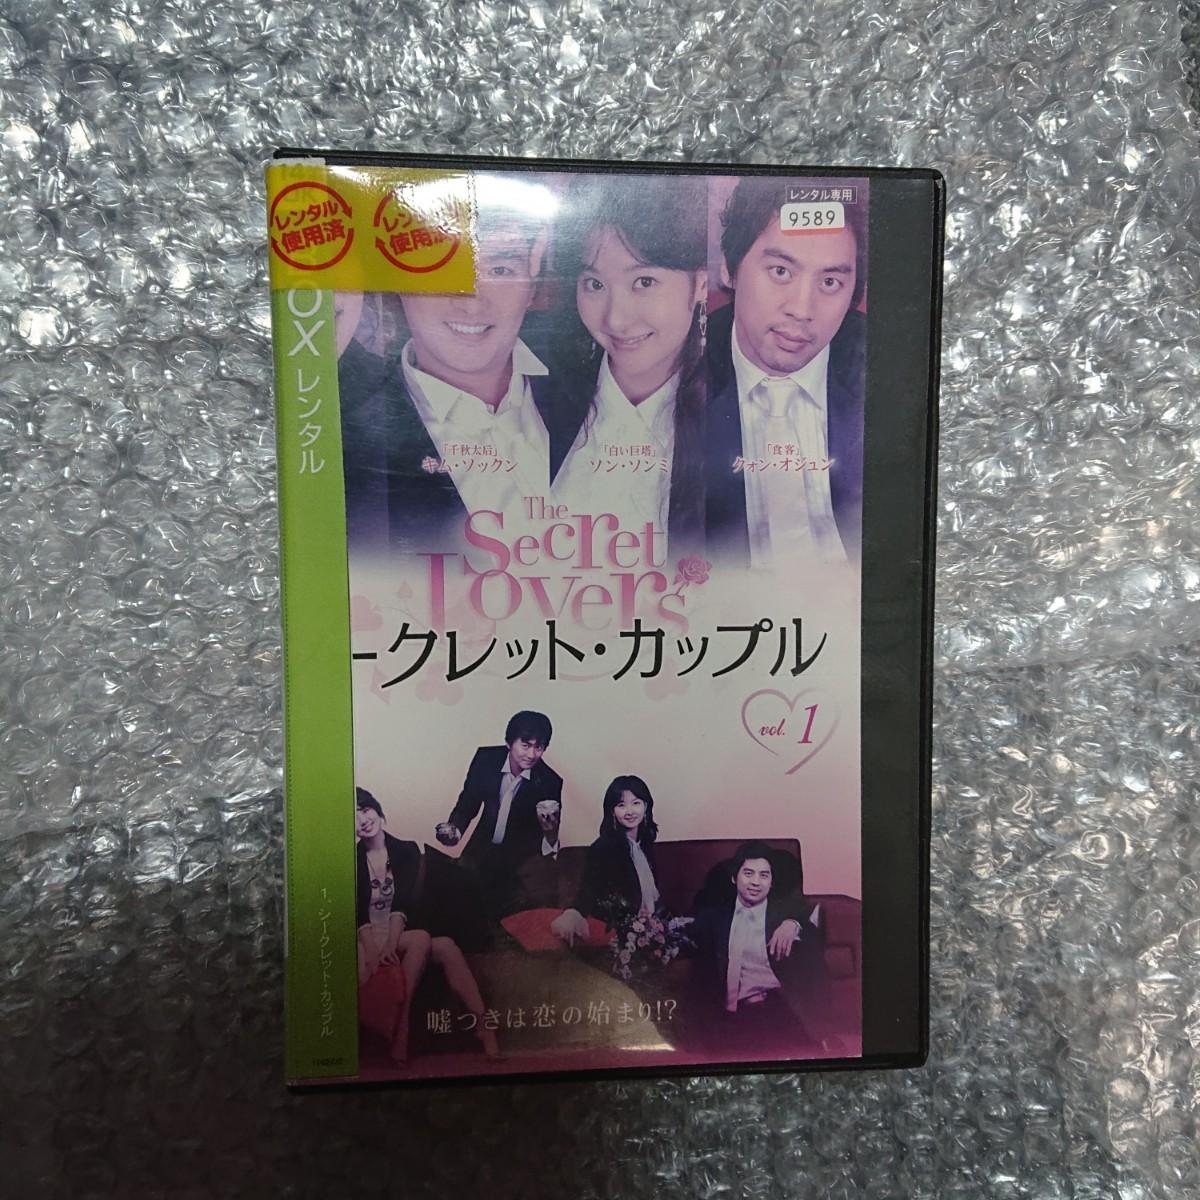 韓国ドラマDVD 全巻 シークレットカップル レンタル落ちDVD 韓流ドラマ ハン・ジヘ ソン・ソンミ